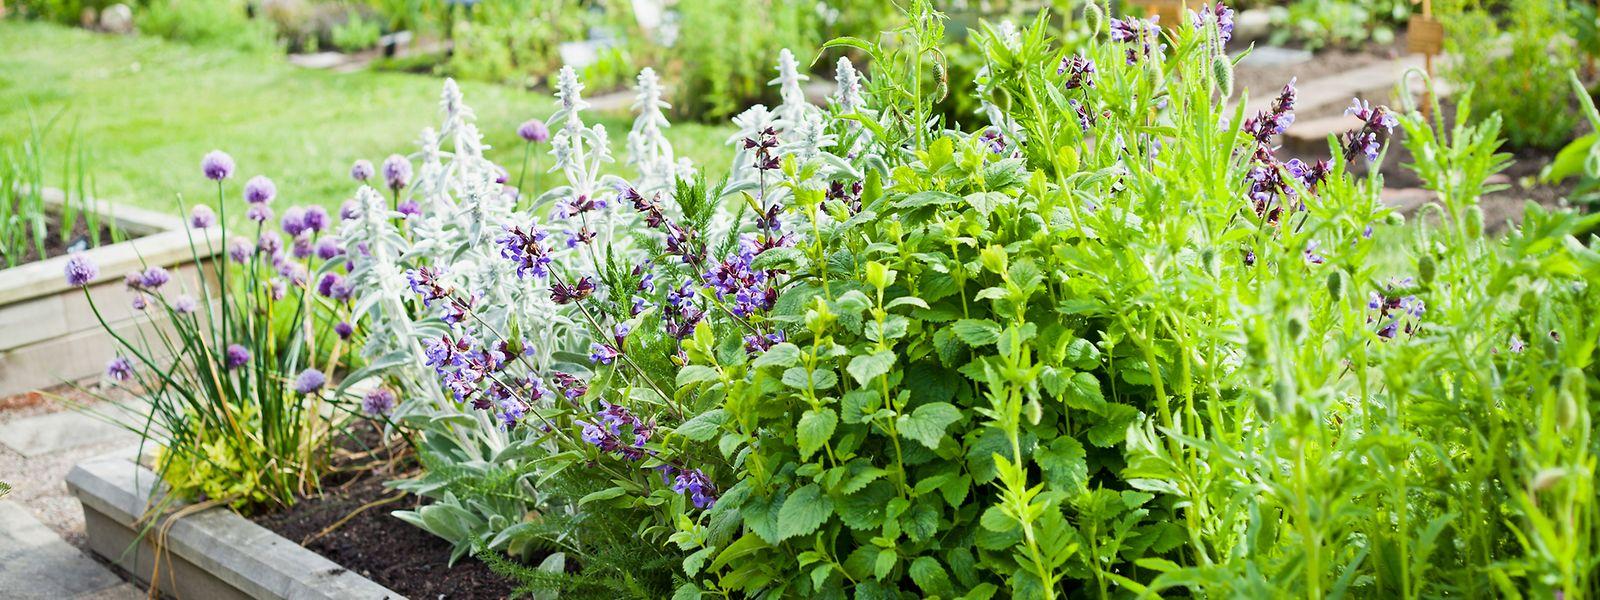 Die verschiedenen Kräuter, die Franziska Rubin in ihrem Buch erwähnt, lassen sich ganz leicht auch im heimischen Garten anbauen.